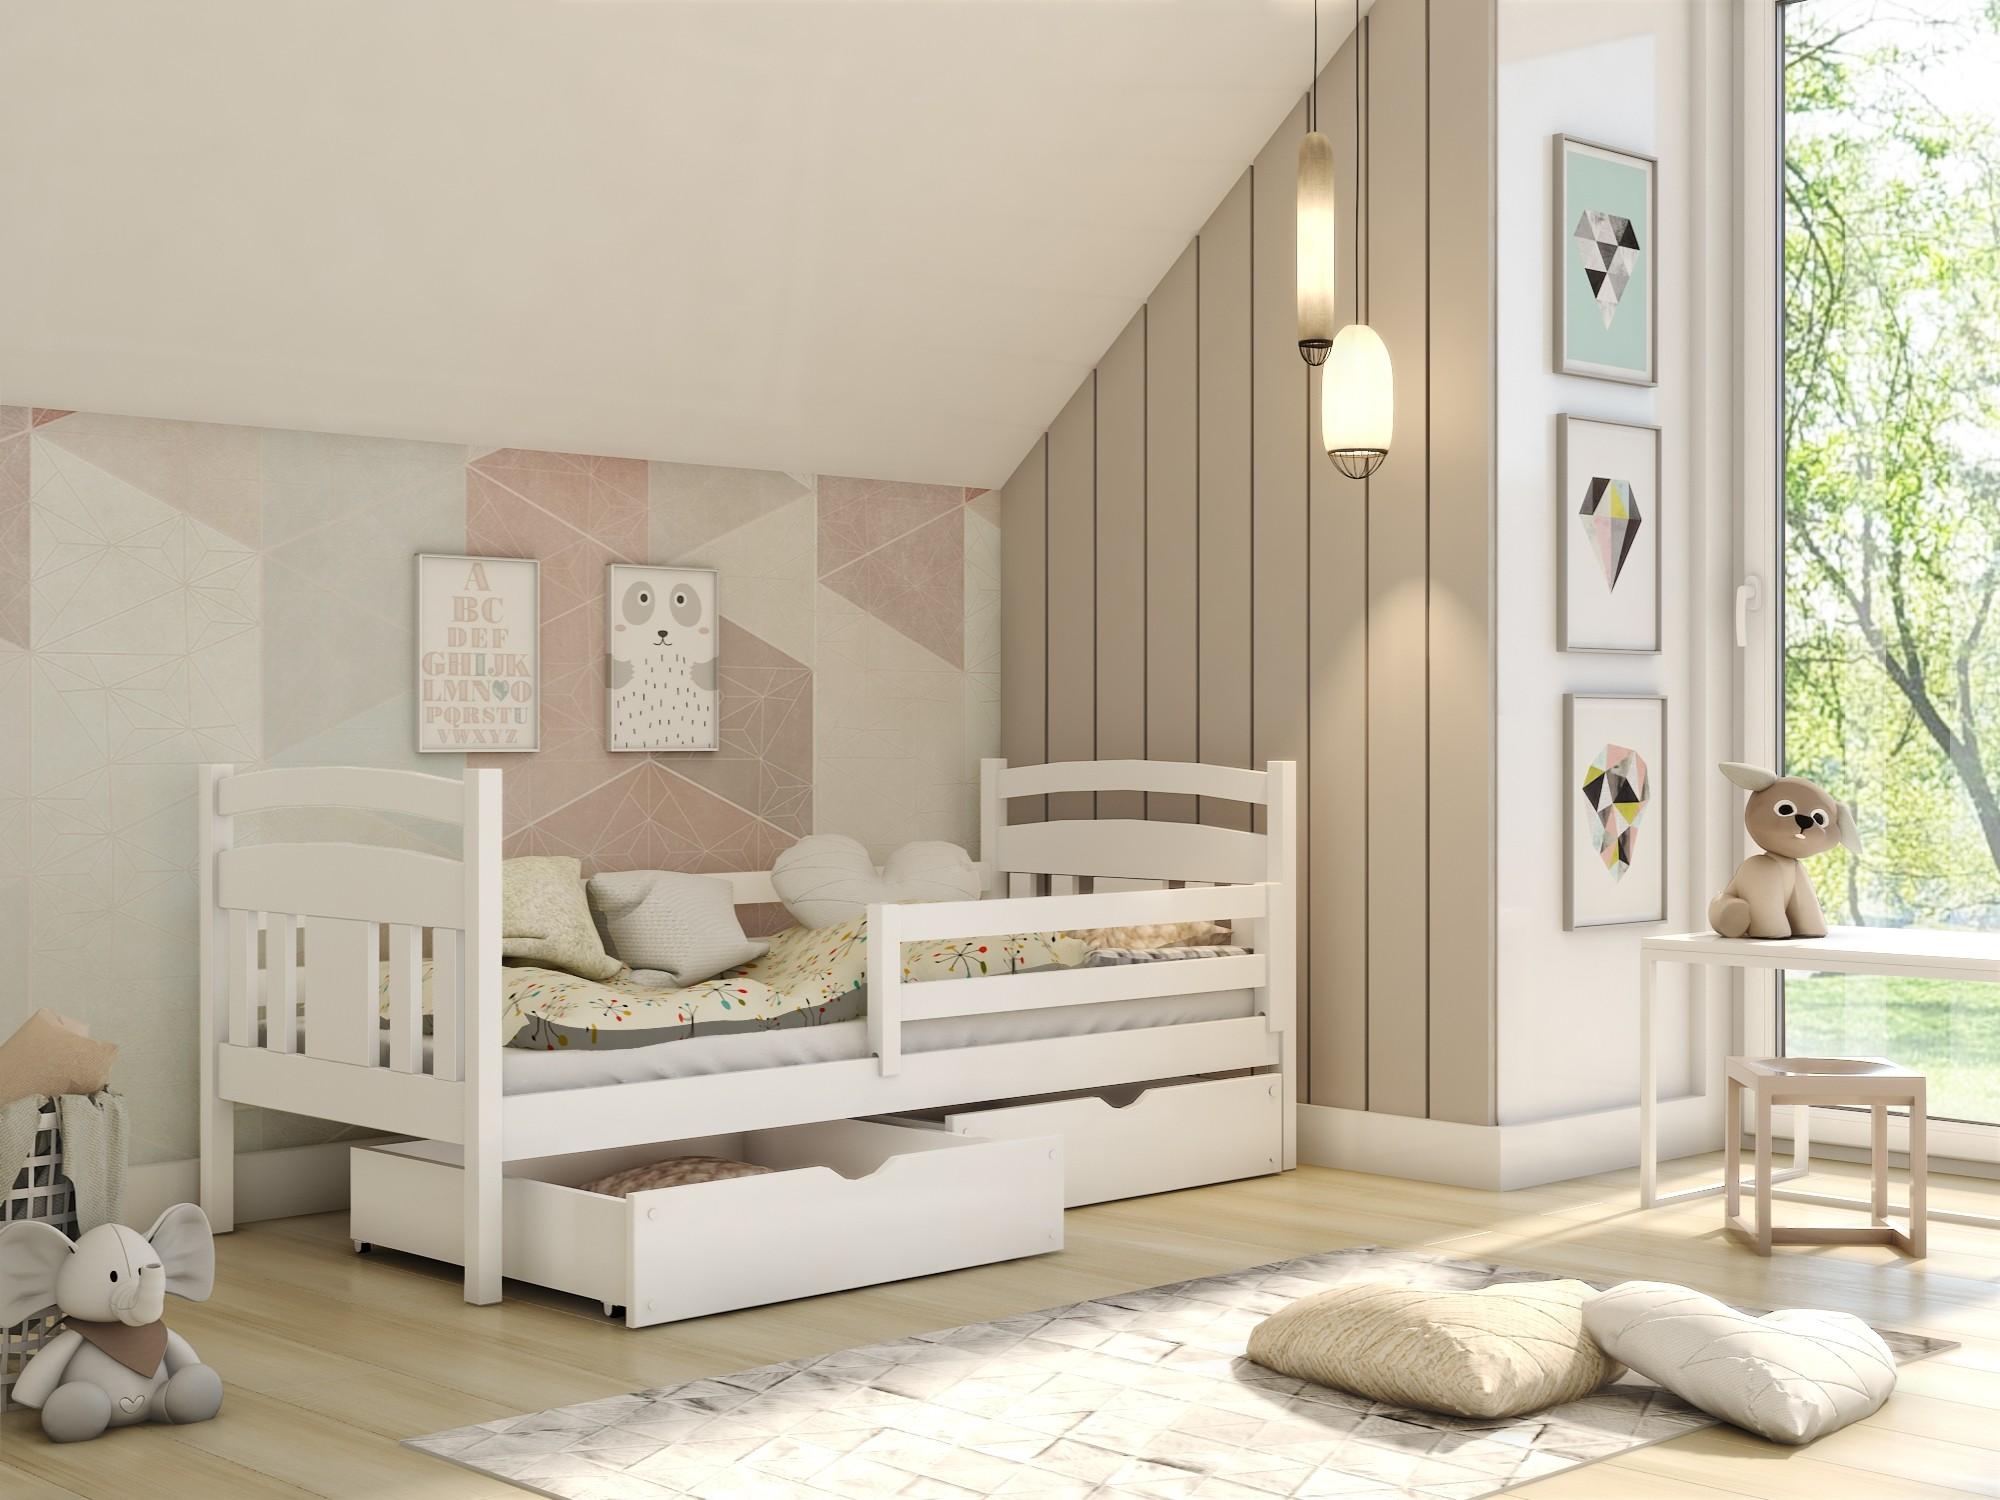 Einzelbett KATE